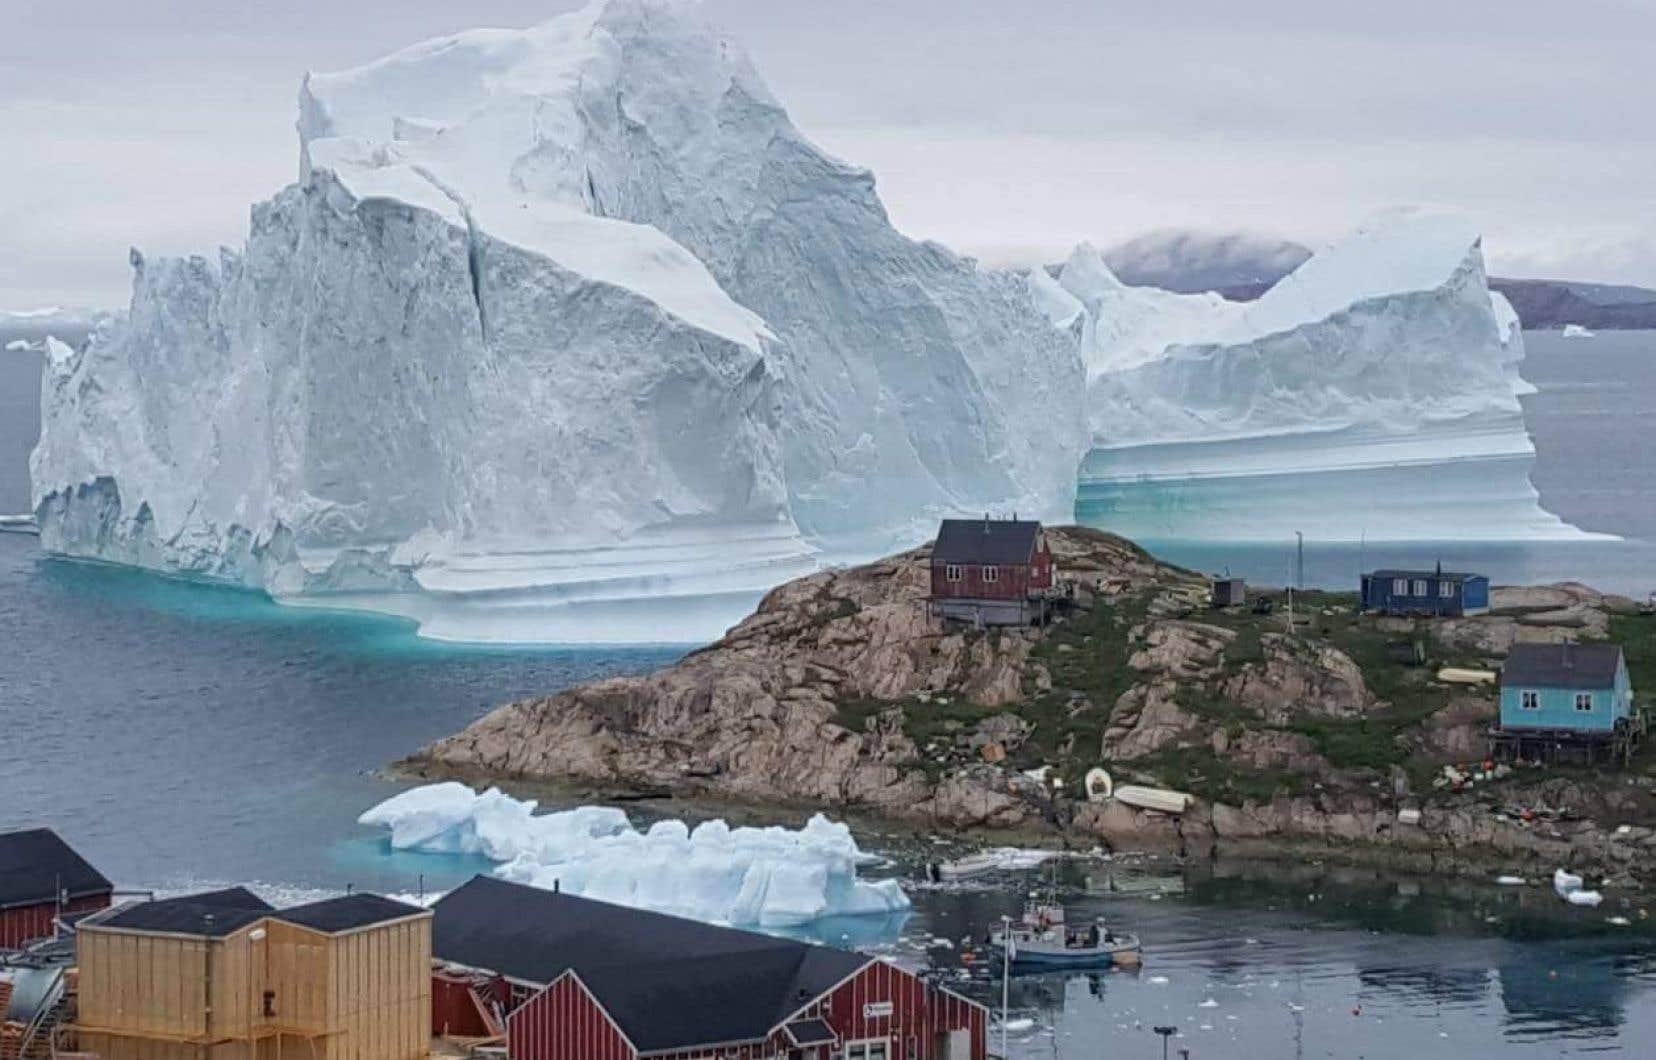 La police groenlandaise a exhorté les habitants de l'île d'Innarsuit dont les maisons sont situées sur la côte à s'en éloigner par crainte de submersion si le bloc de glace venait à se rompre.